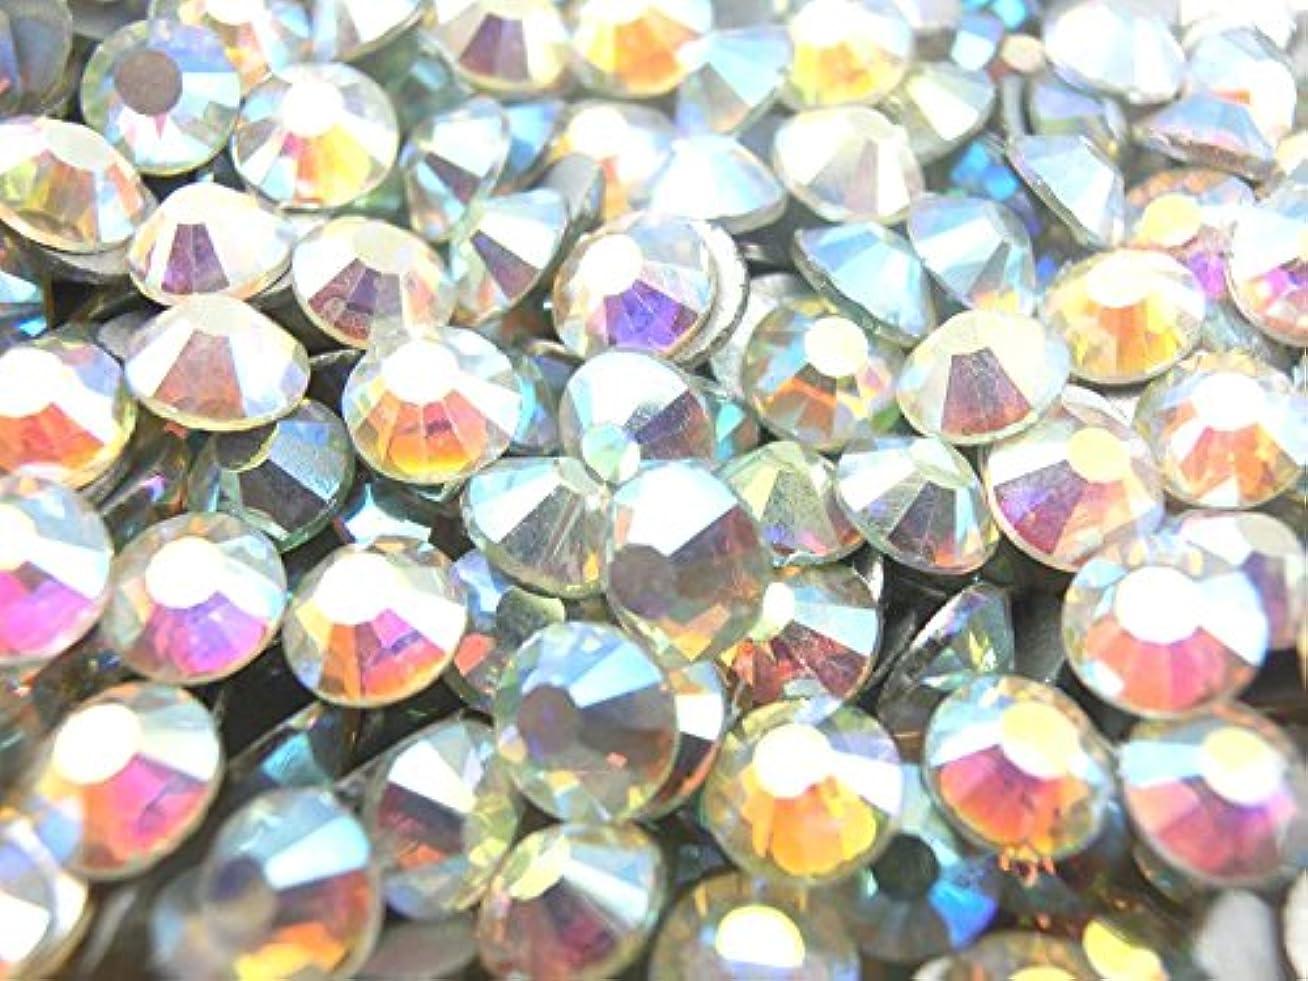 楕円形眩惑するファックス【ラインストーン77】 超高級 ガラス製ラインストーン SS3~SS40 オーロラクリスタル スワロフスキー同等 (2.6mm (SS10) 約1440粒)